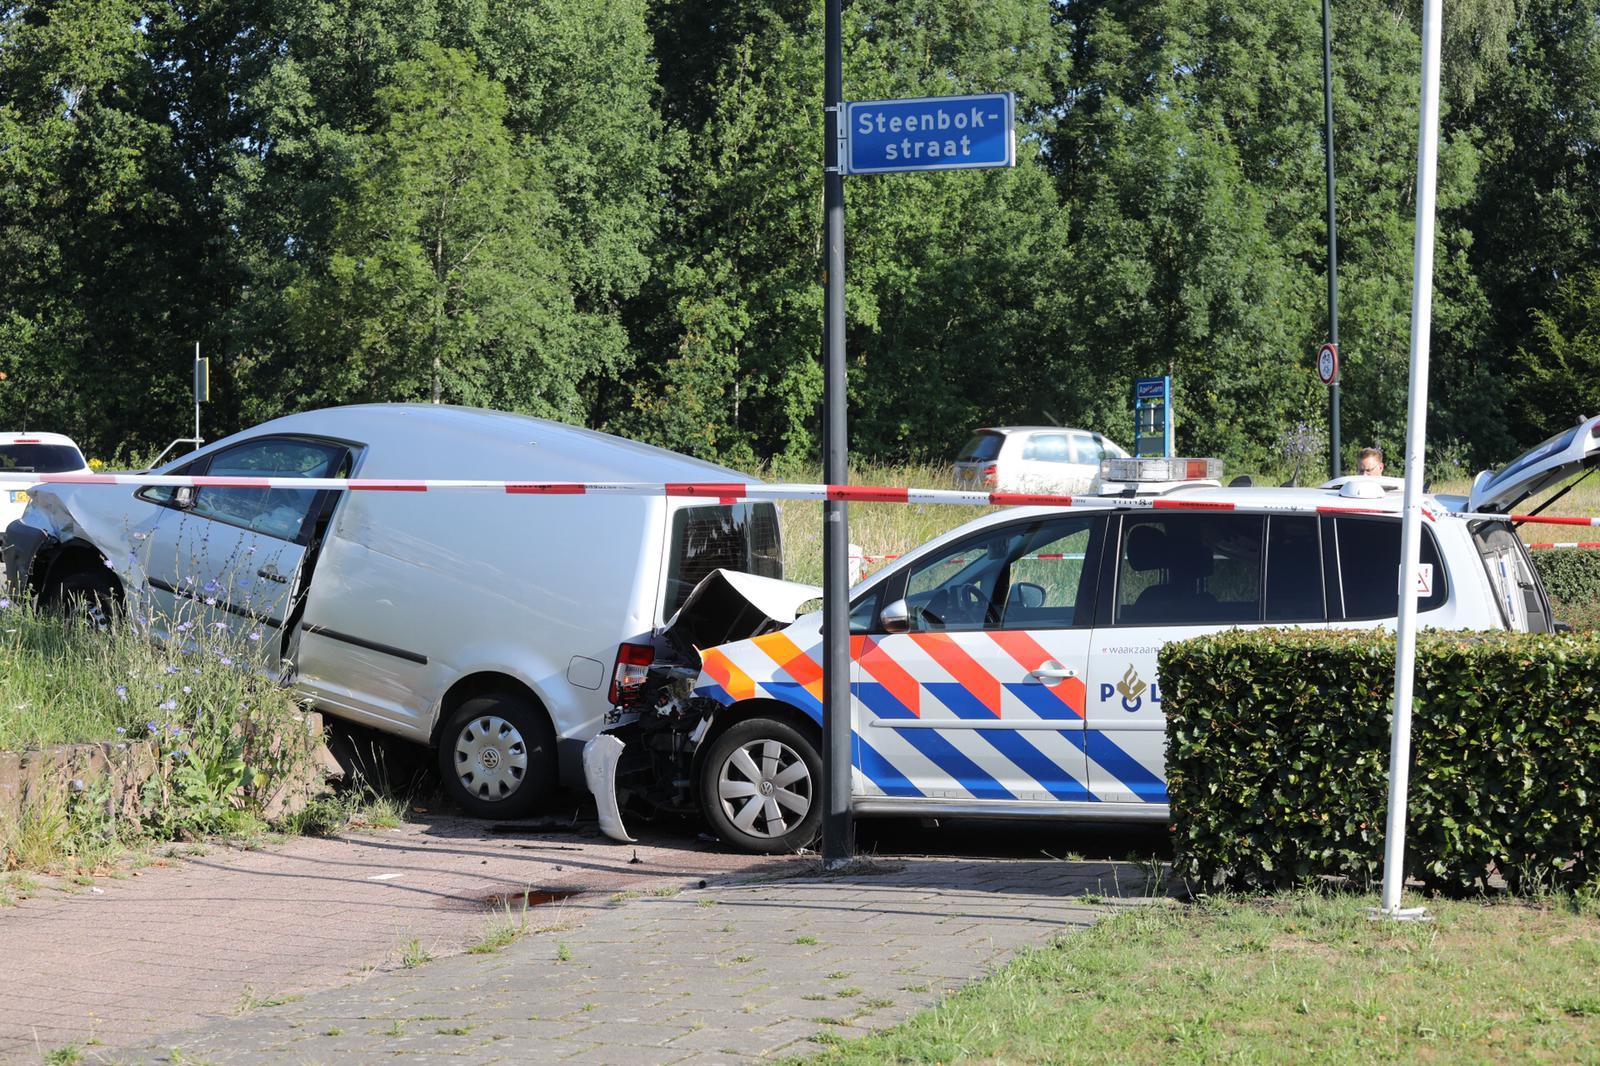 Politie start achtervolging na melding inbraak in Apeldoorn